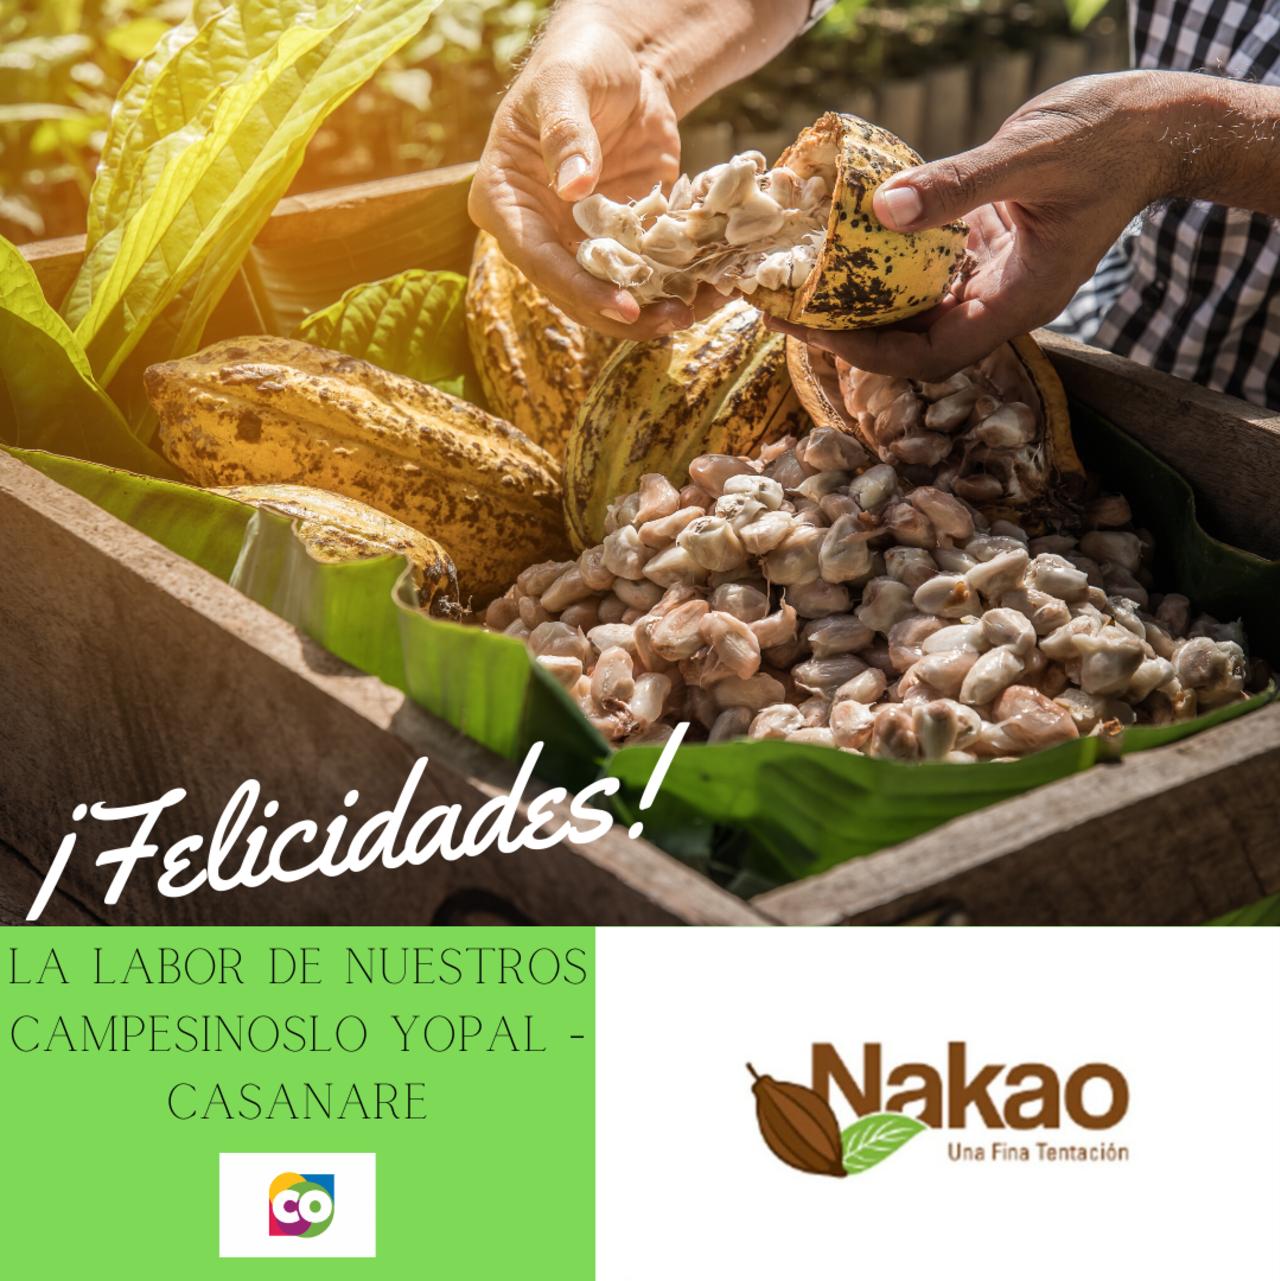 Día del Cacaotero y Cacaotera un labor de reconocimiento Felicidades Nakao Chocolate Artesanal.